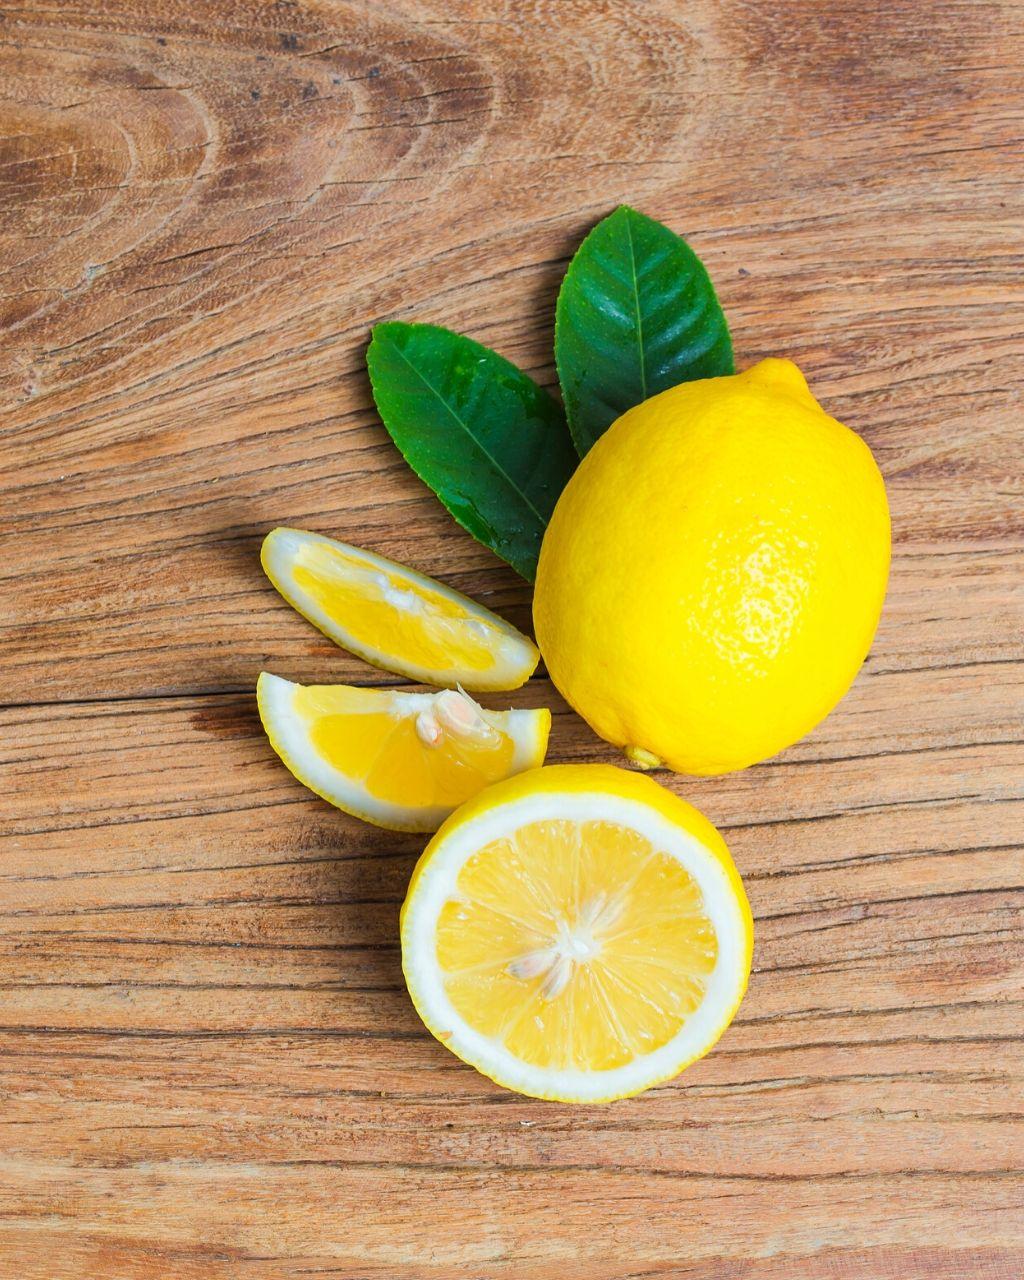 4 przydatne zastosowania cytryny w domu